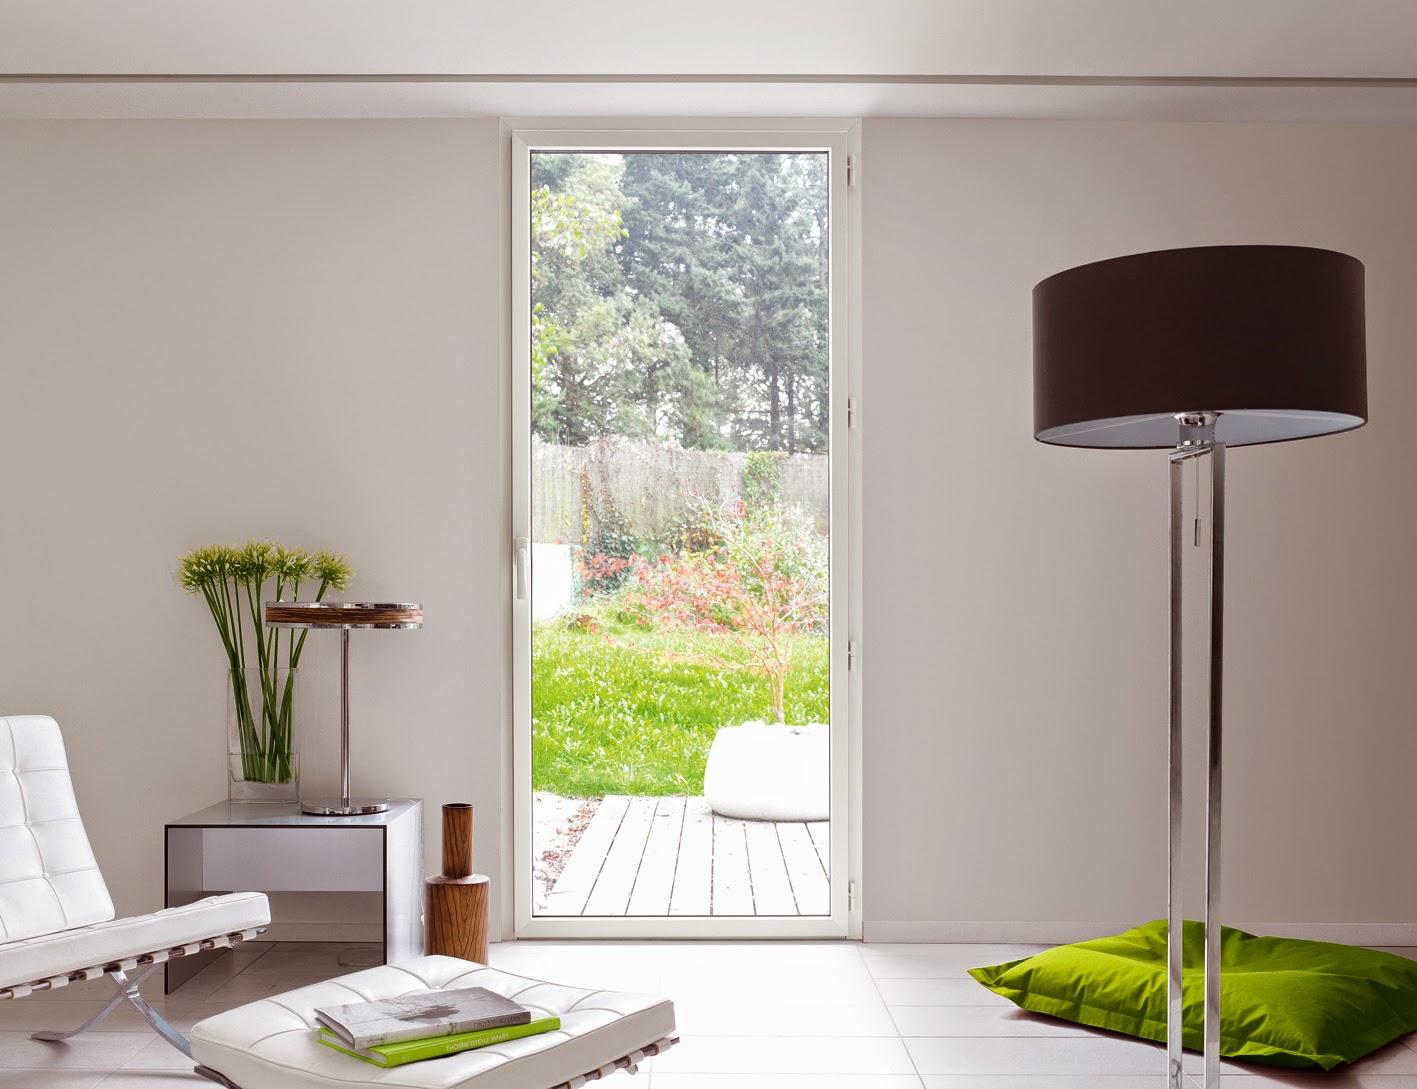 Precios y presupuesto de ventanas de aluminio k line for Precio de aluminio para ventanas